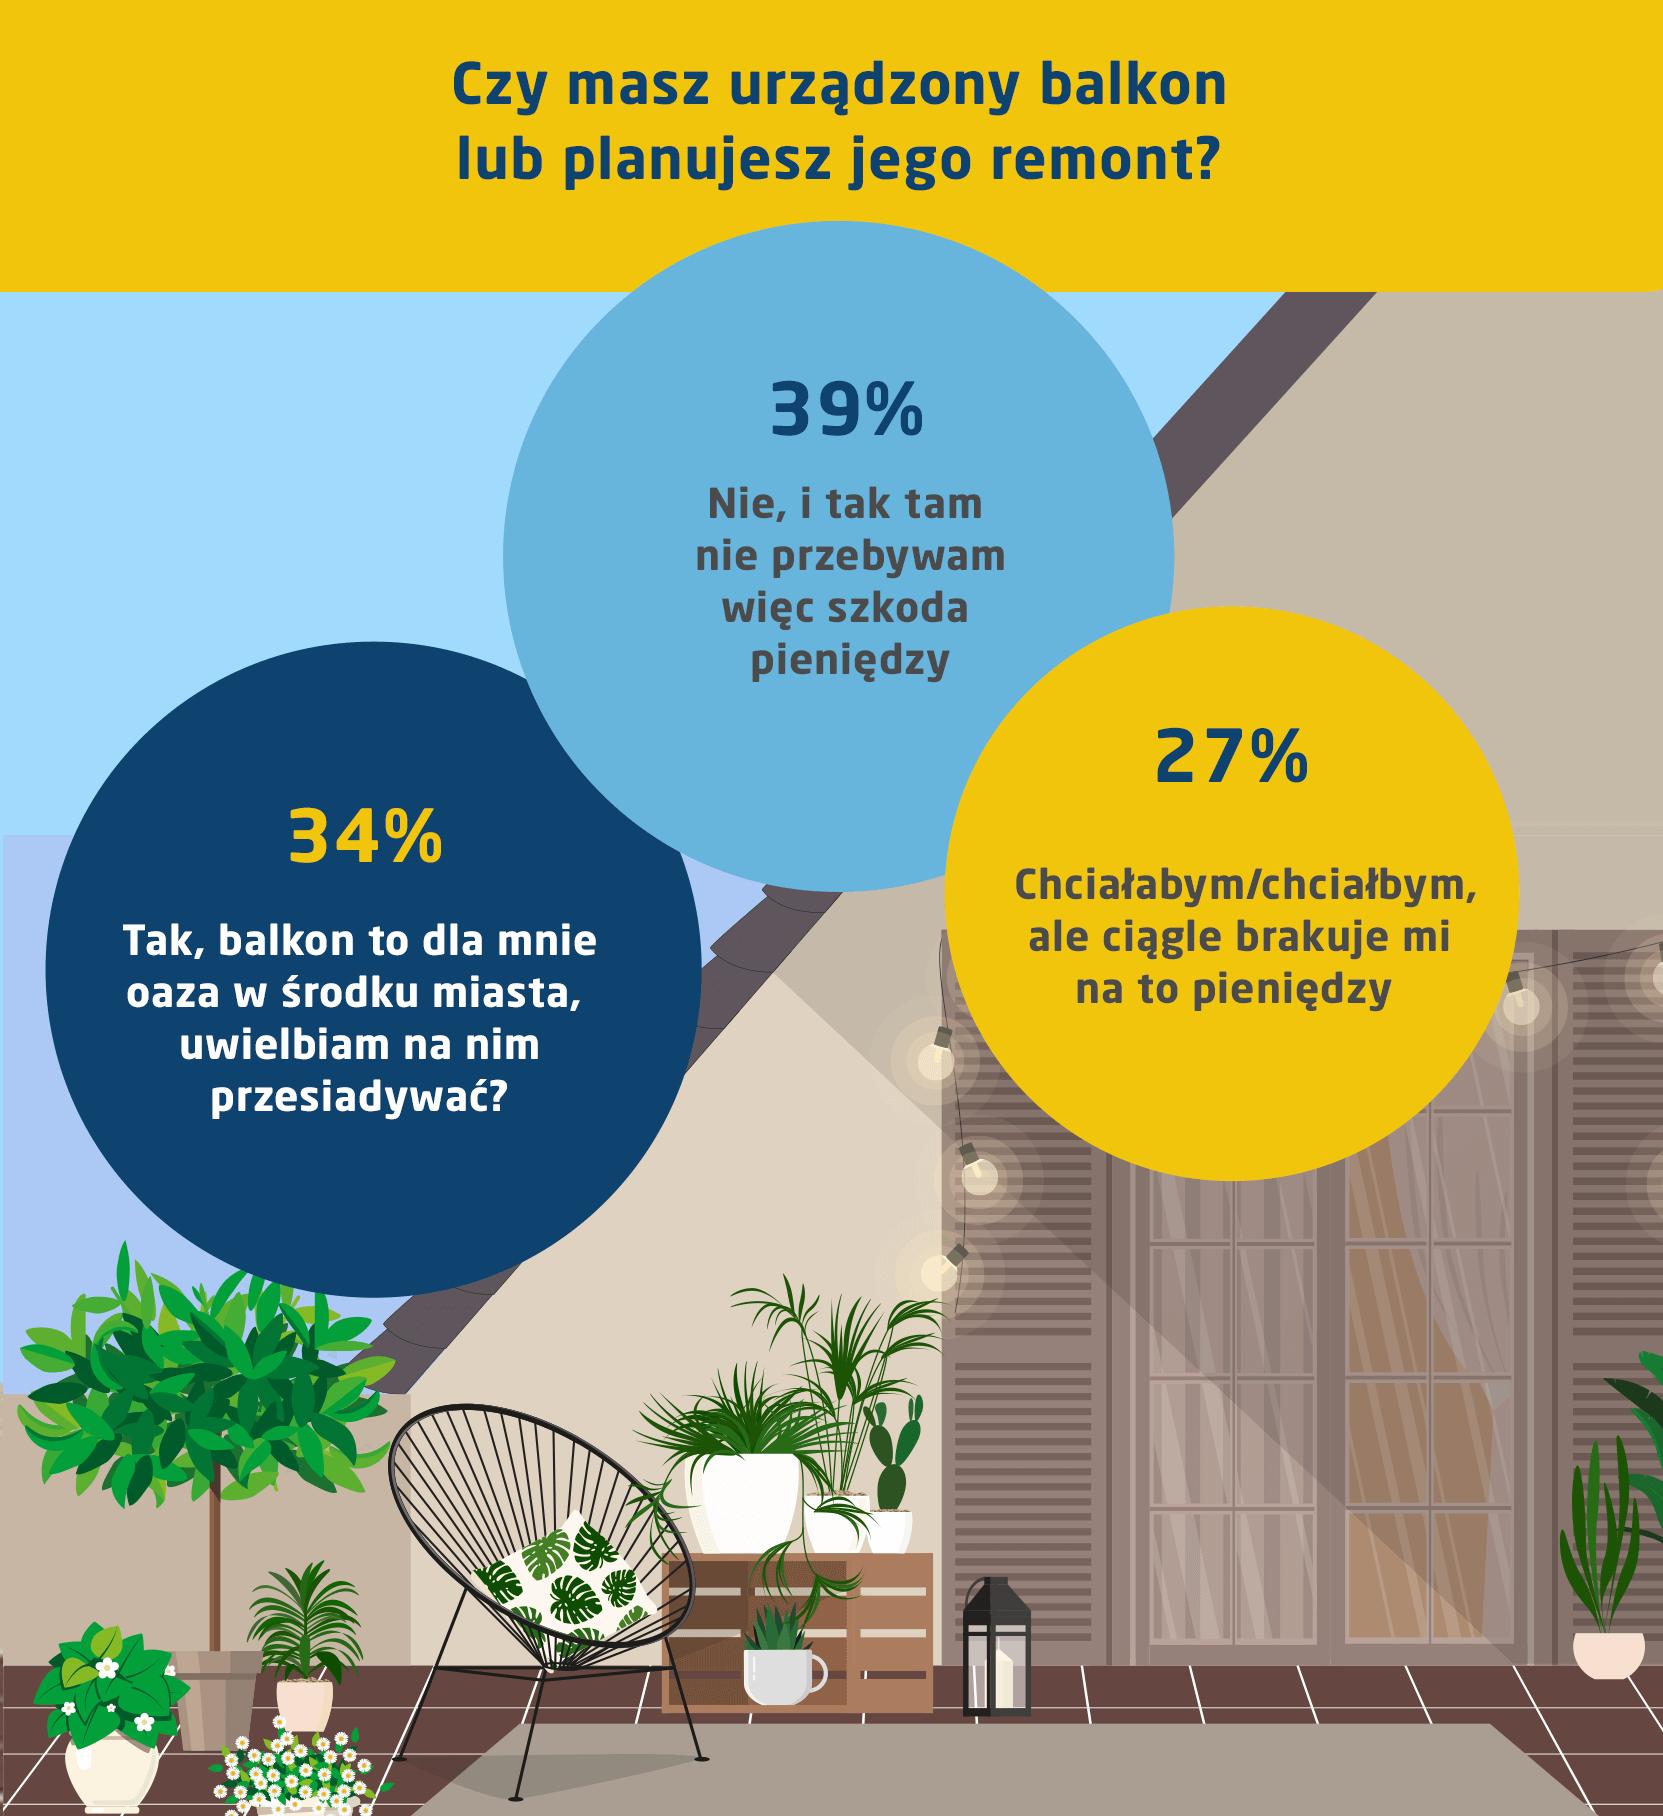 czy masz urządzony balkon? infografika